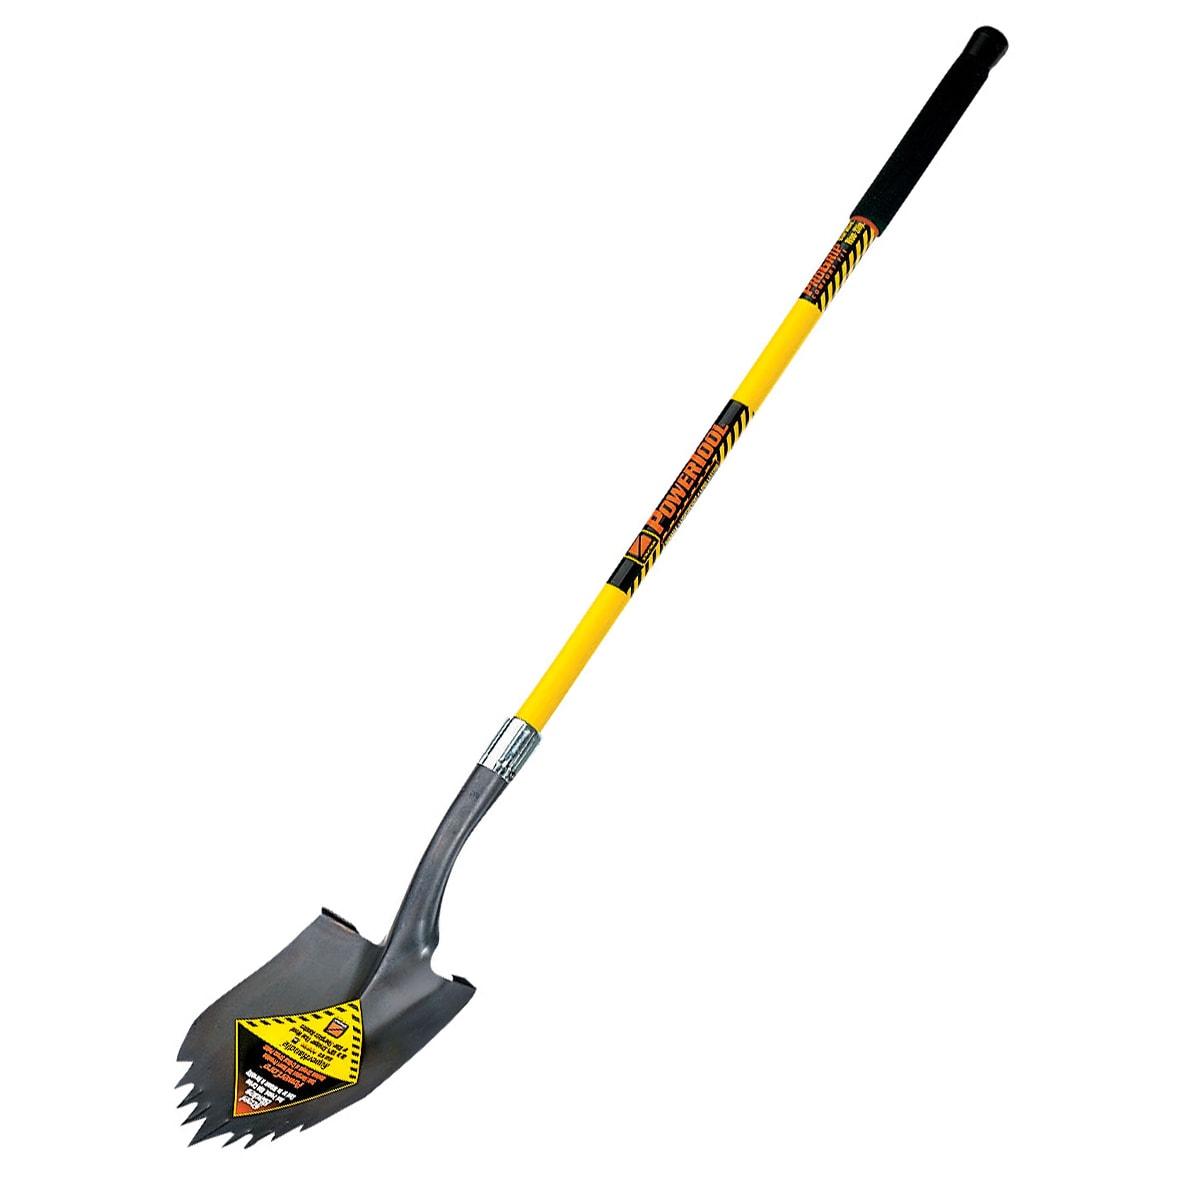 seymour-structron s710 49630 48-inch long fiberglass handle notched round  pt super shovel